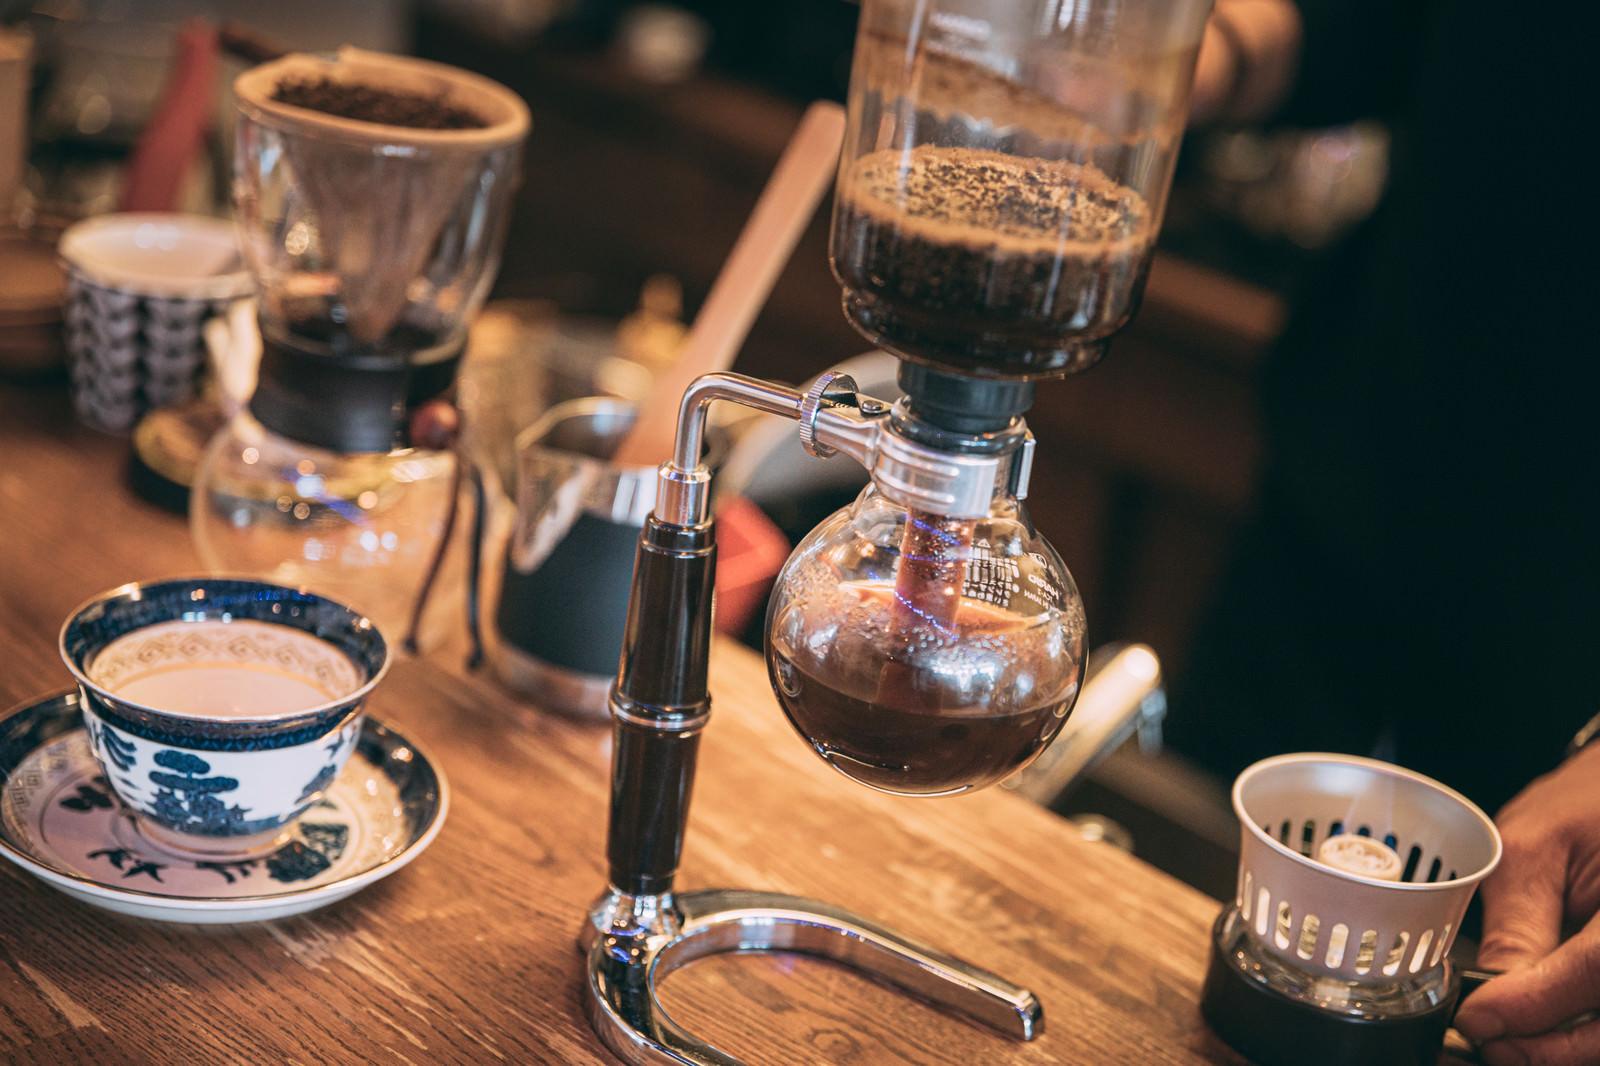 「サイフォンでコーヒーを淹れている様子」の写真